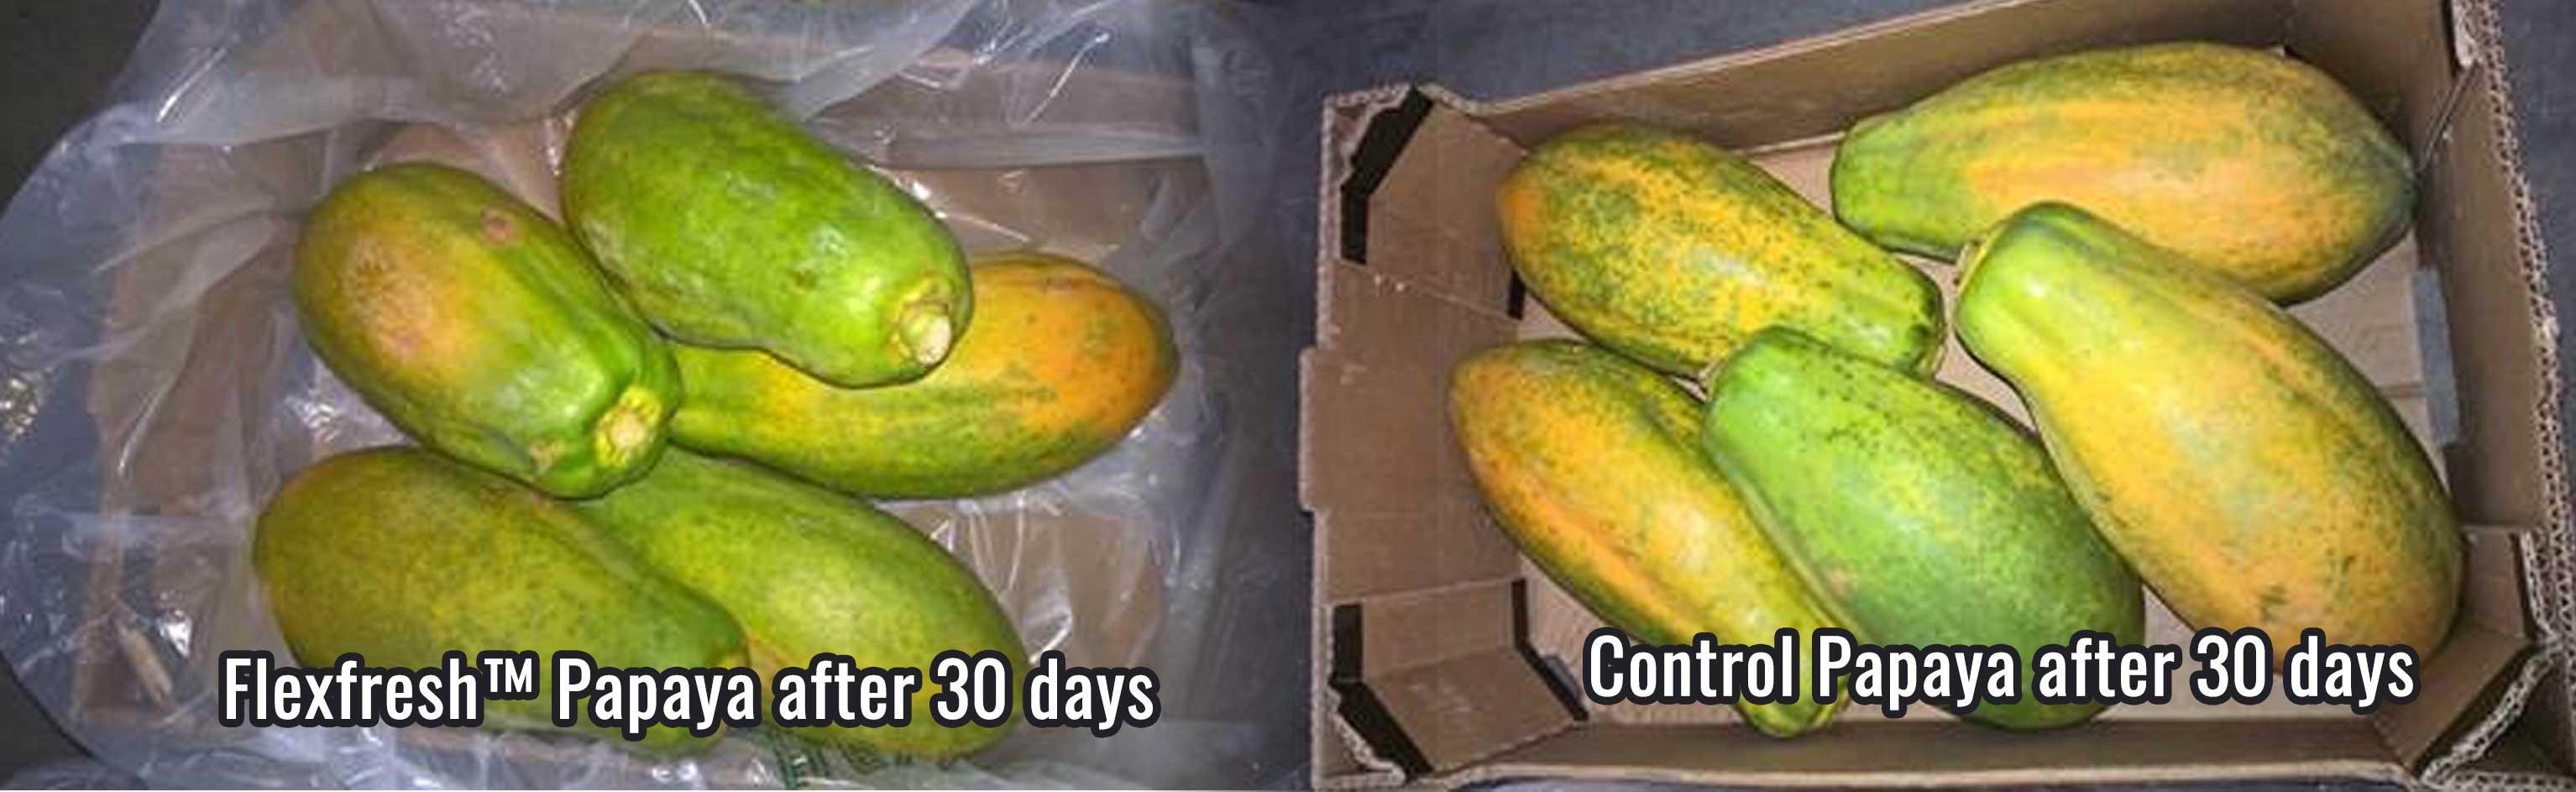 comparing papayas